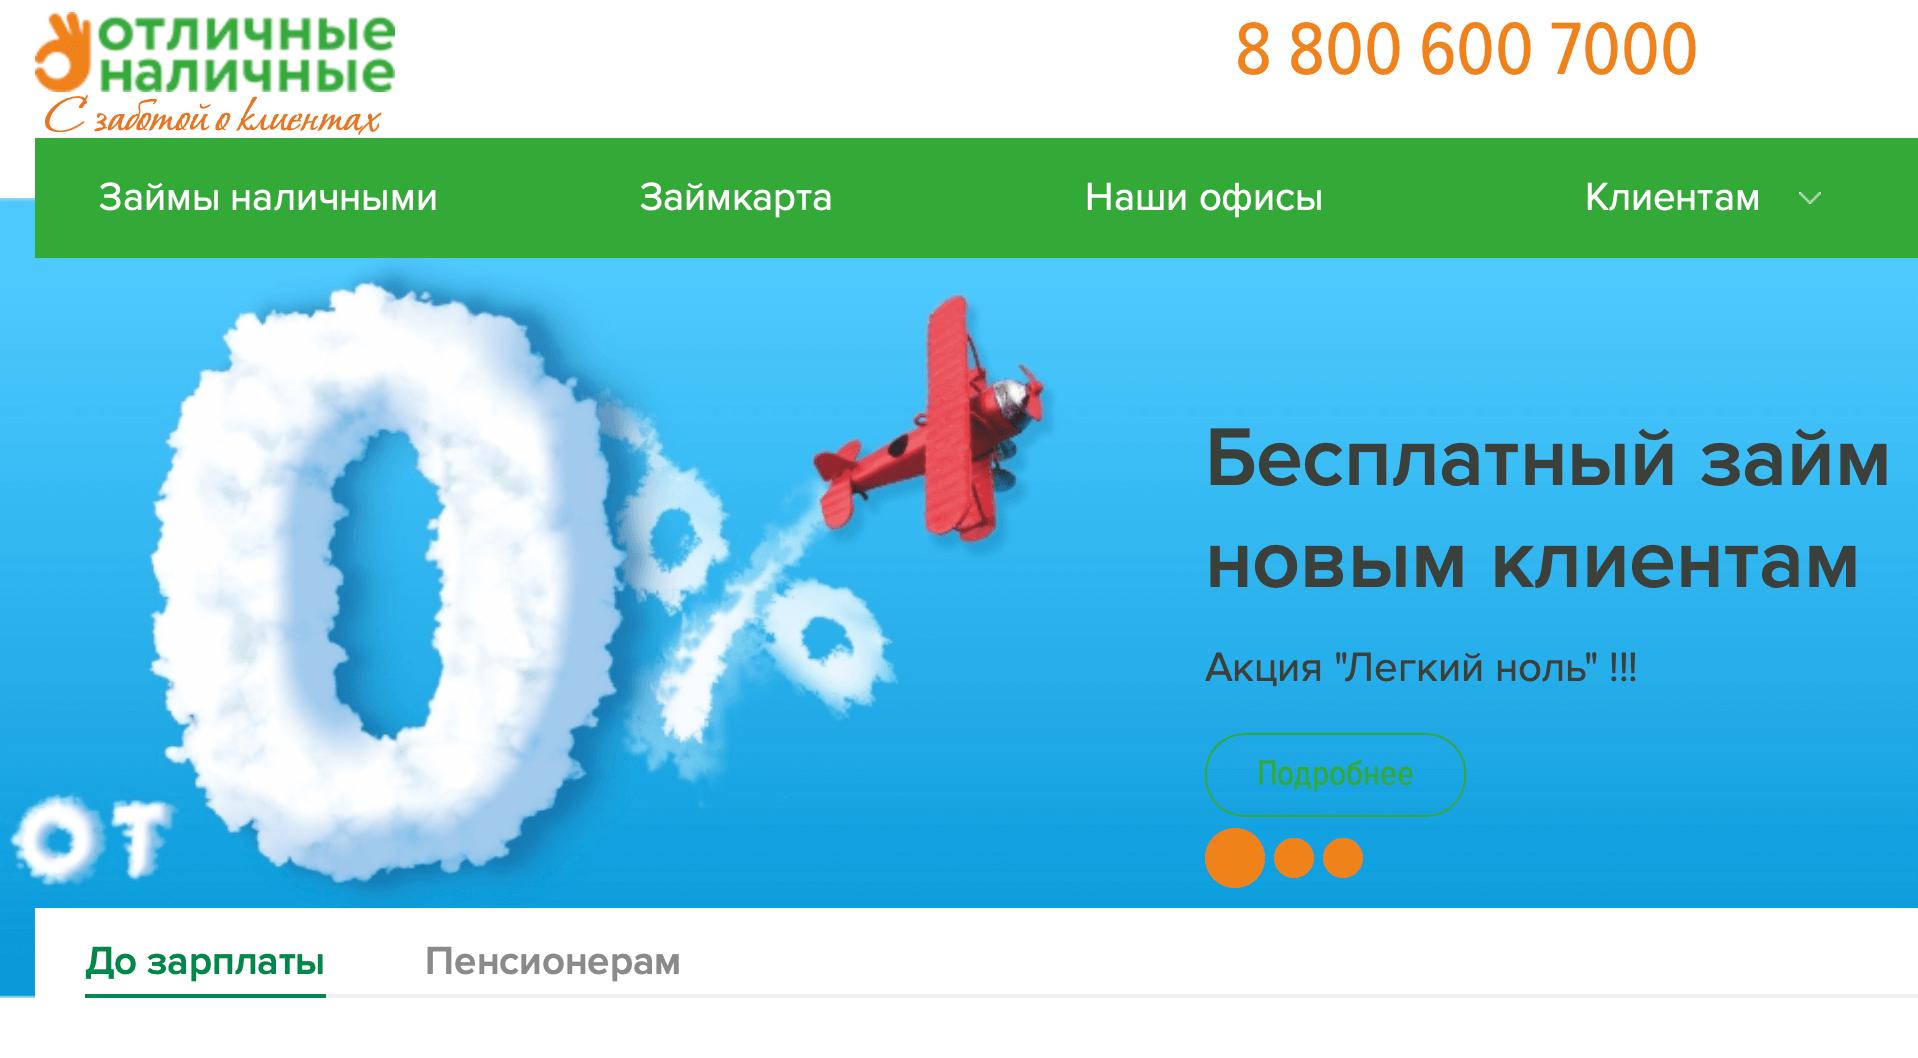 займы без отказа наличными новосибирск хоум кредит кредит наличными процентная ставка рассчитать